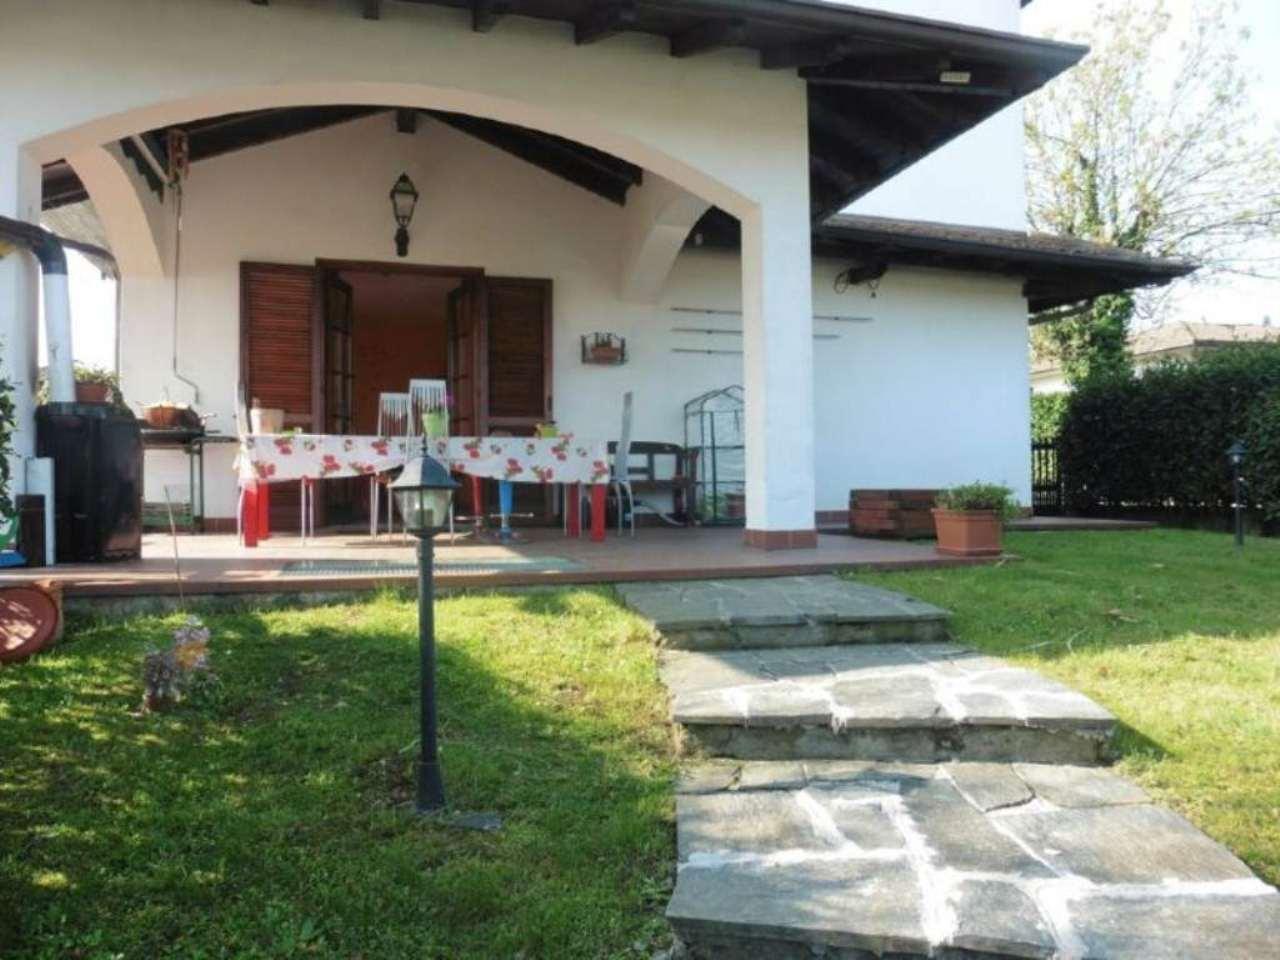 Villa Bifamiliare in vendita a Paruzzaro, 4 locali, prezzo € 195.000 | Cambio Casa.it